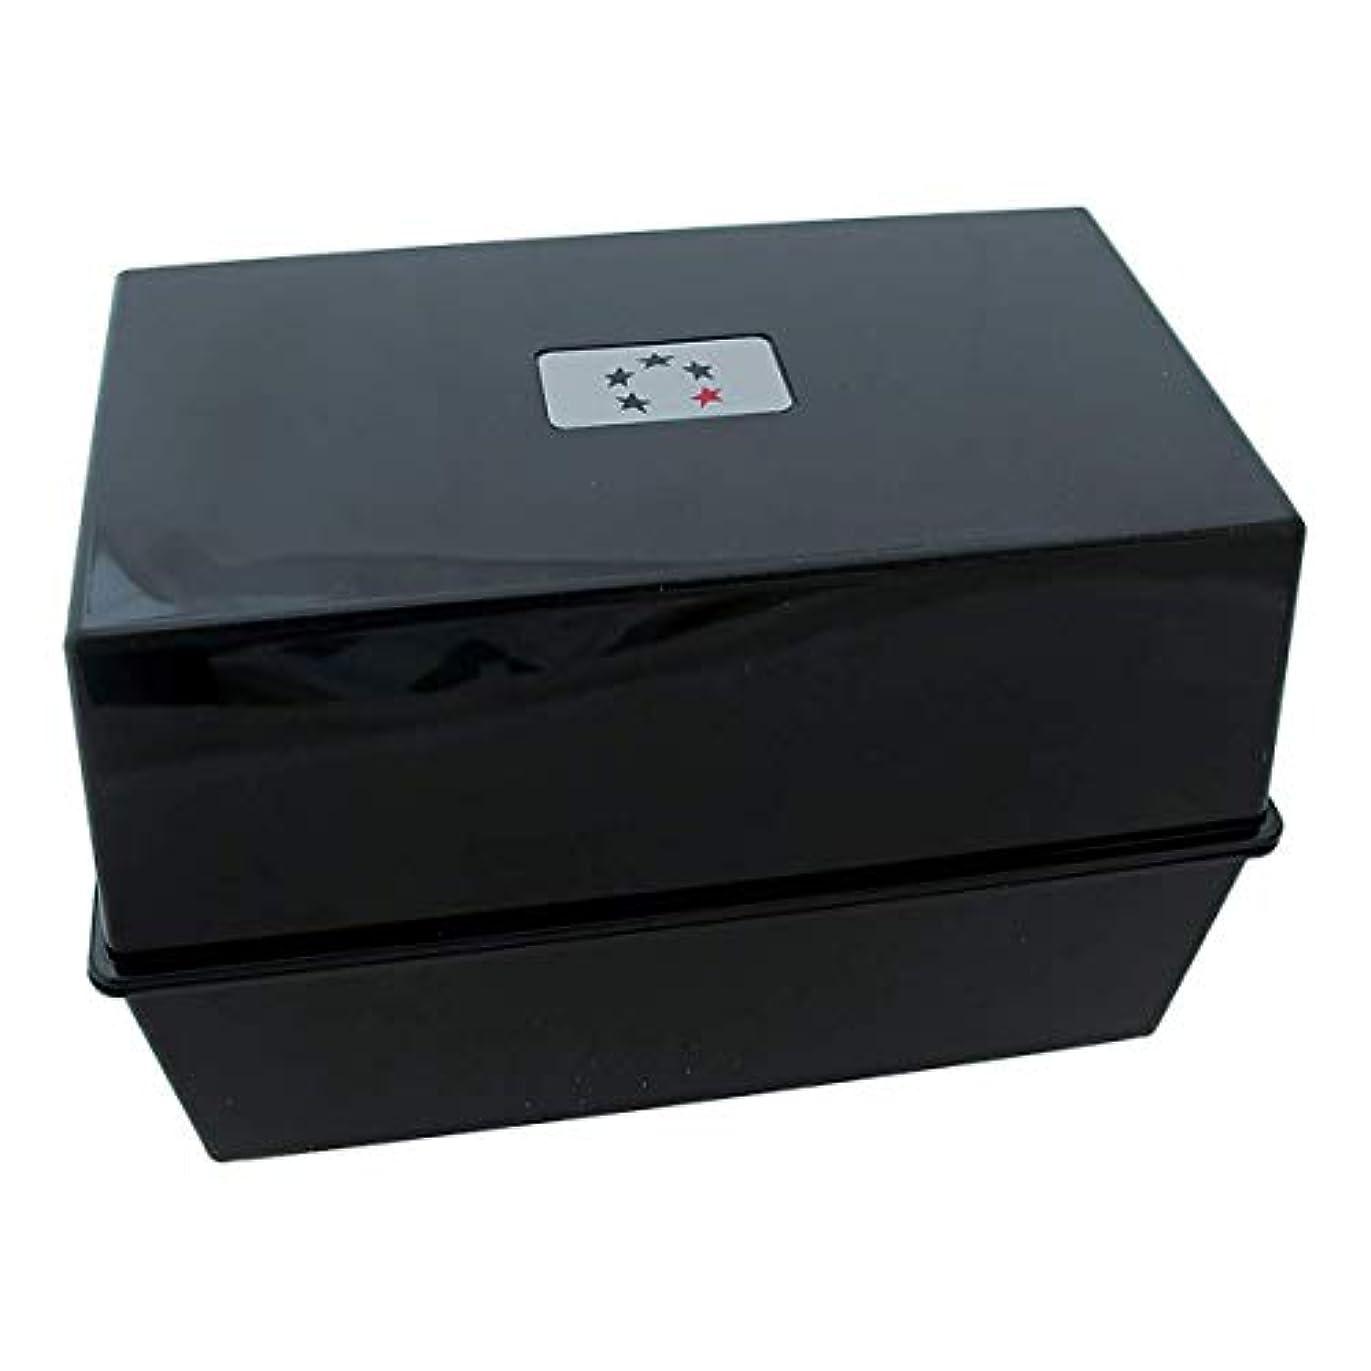 アジェンダ サロンコンセプト カードインデックスボックスブラック(A-Zカード含む)[海外直送品] [並行輸入品]